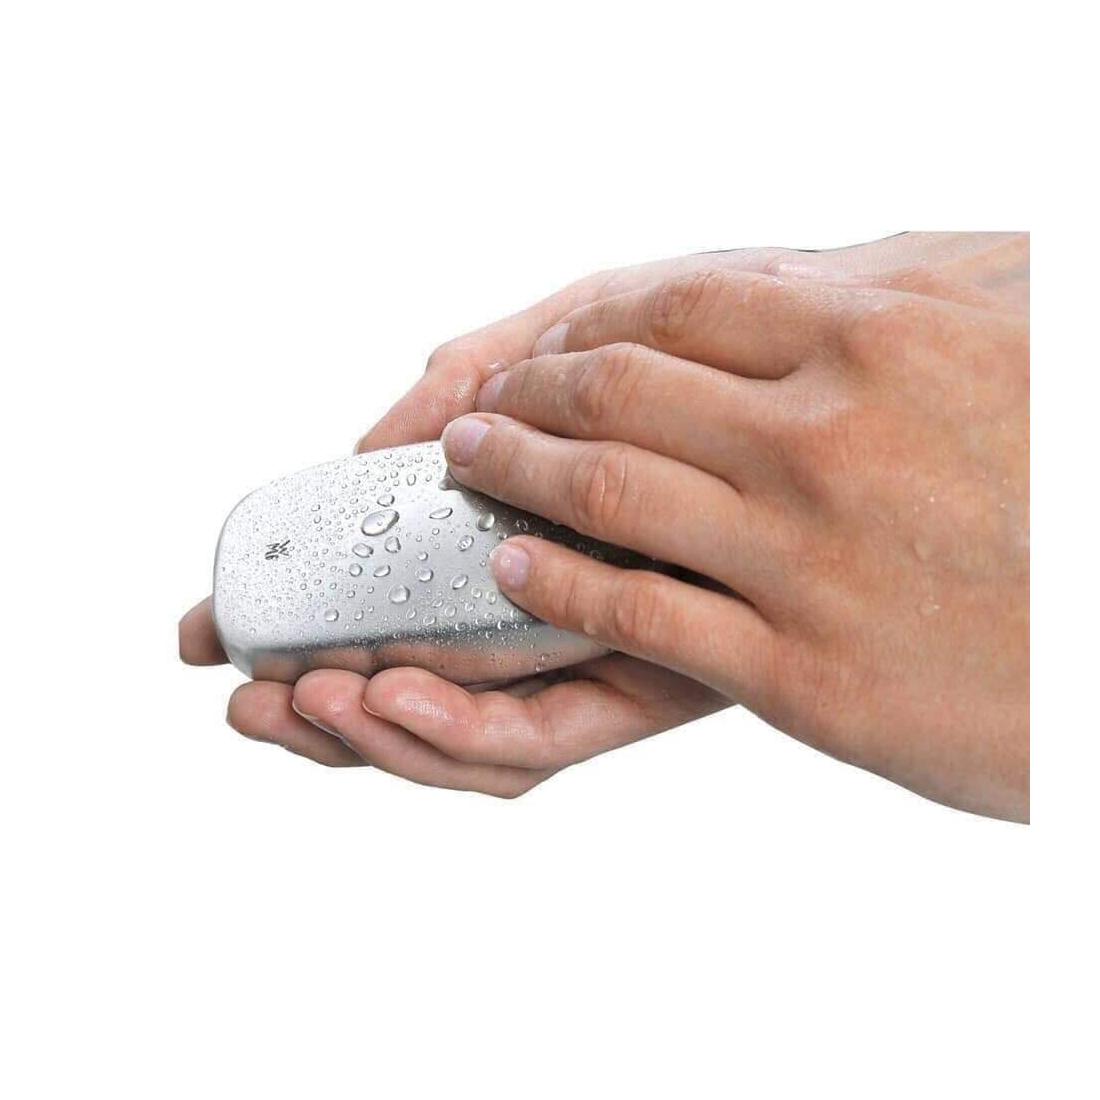 Viên kim loại rửa tay WMF-Thế giới đồ gia dụng HMD